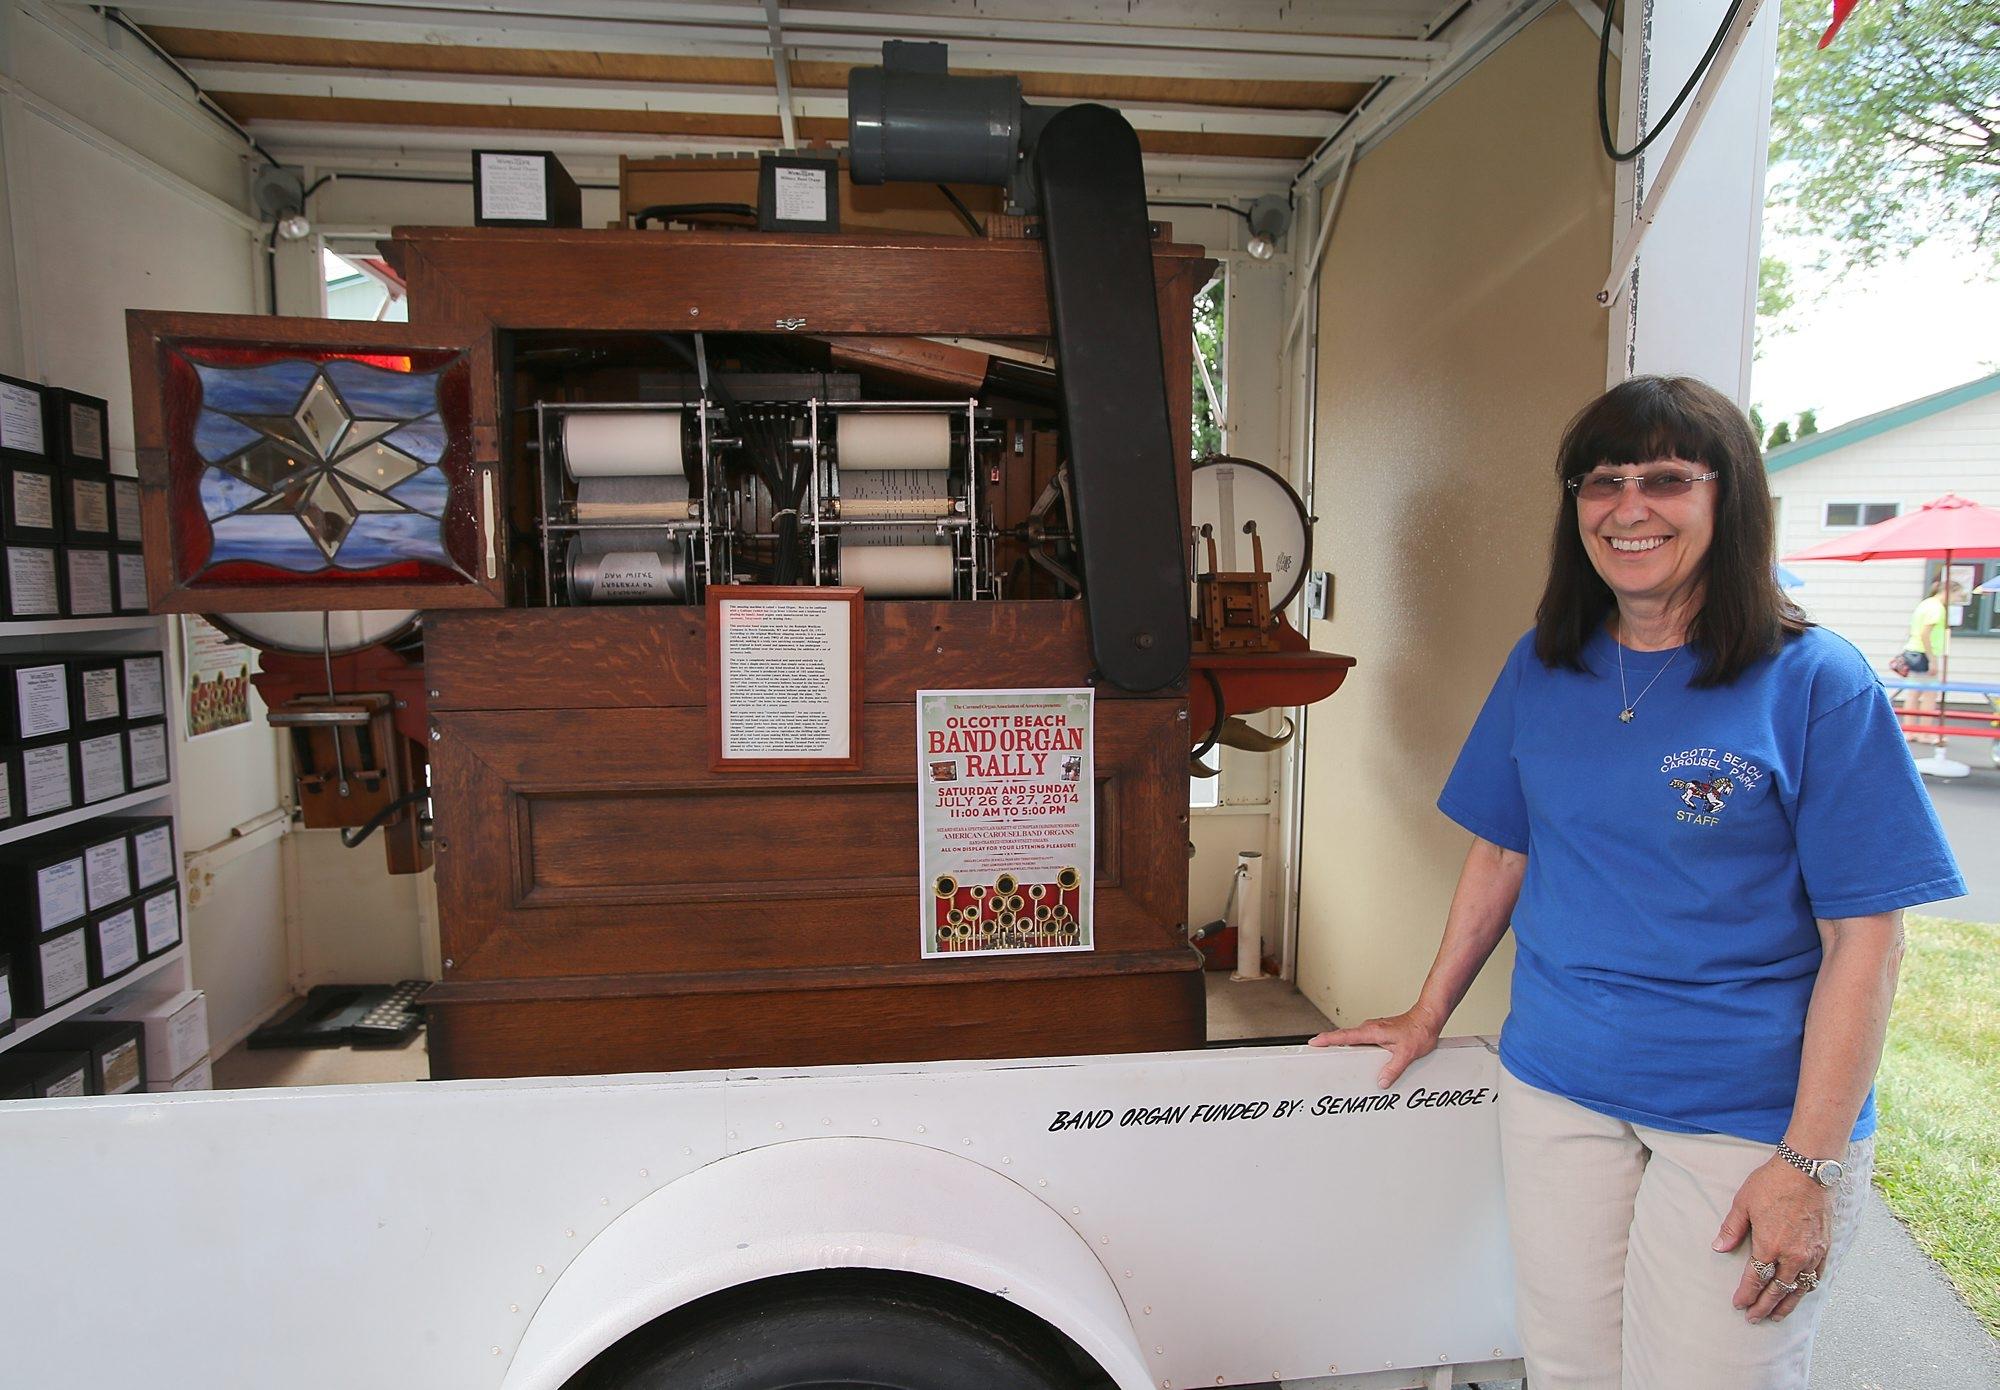 Rosemary Sansone is carousel park president.